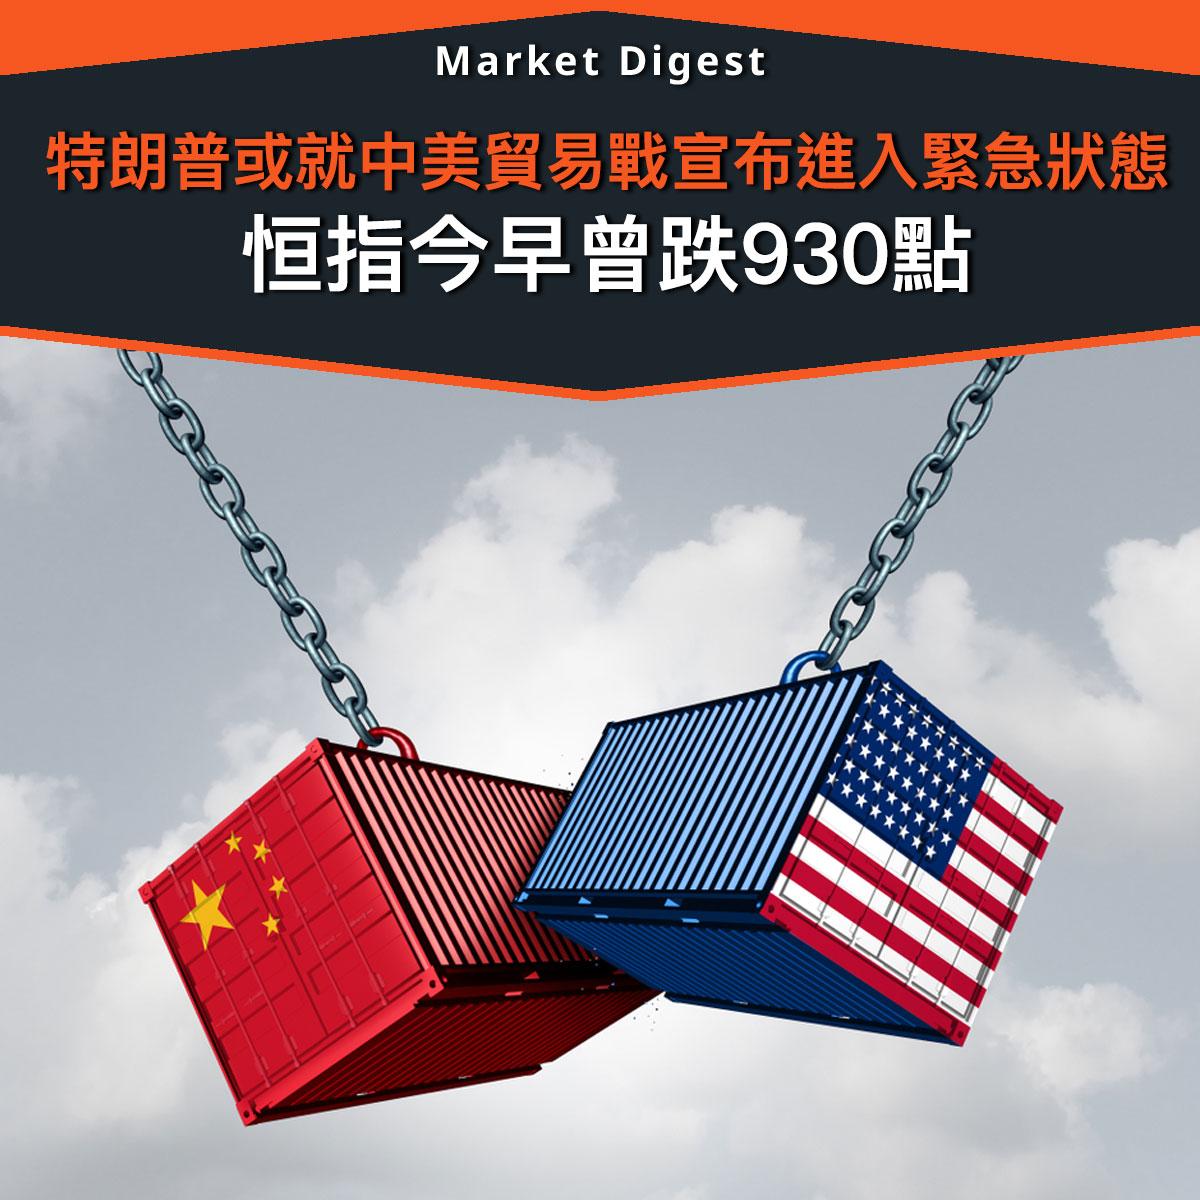 【中美貿易戰】特朗普或就中美貿易戰宣布進入緊急狀態 恒指今早曾跌930點